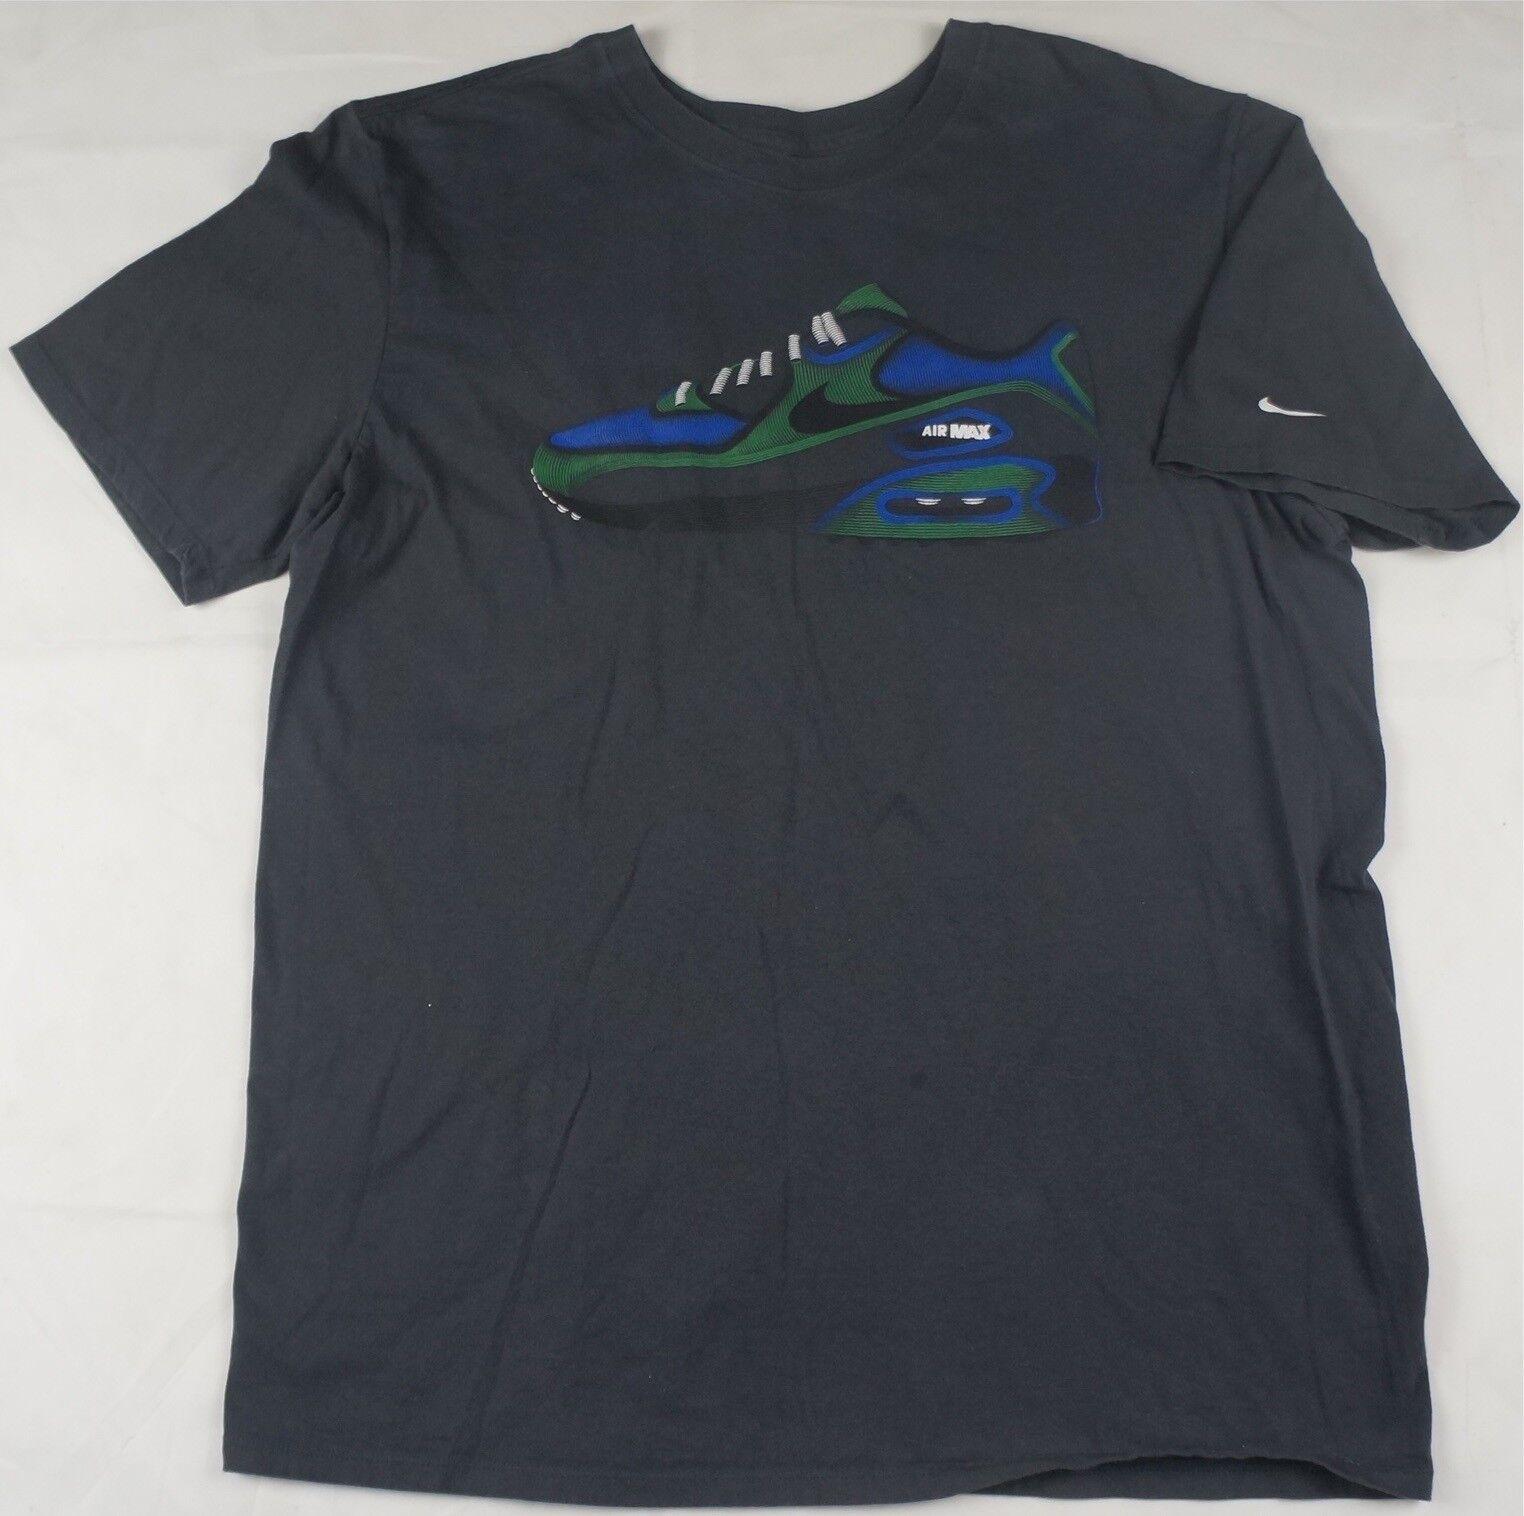 Raro Vintage NIKE Air Max Spell Out zapatos Zapato con logo Camiseta 90s Charcoal SZ L